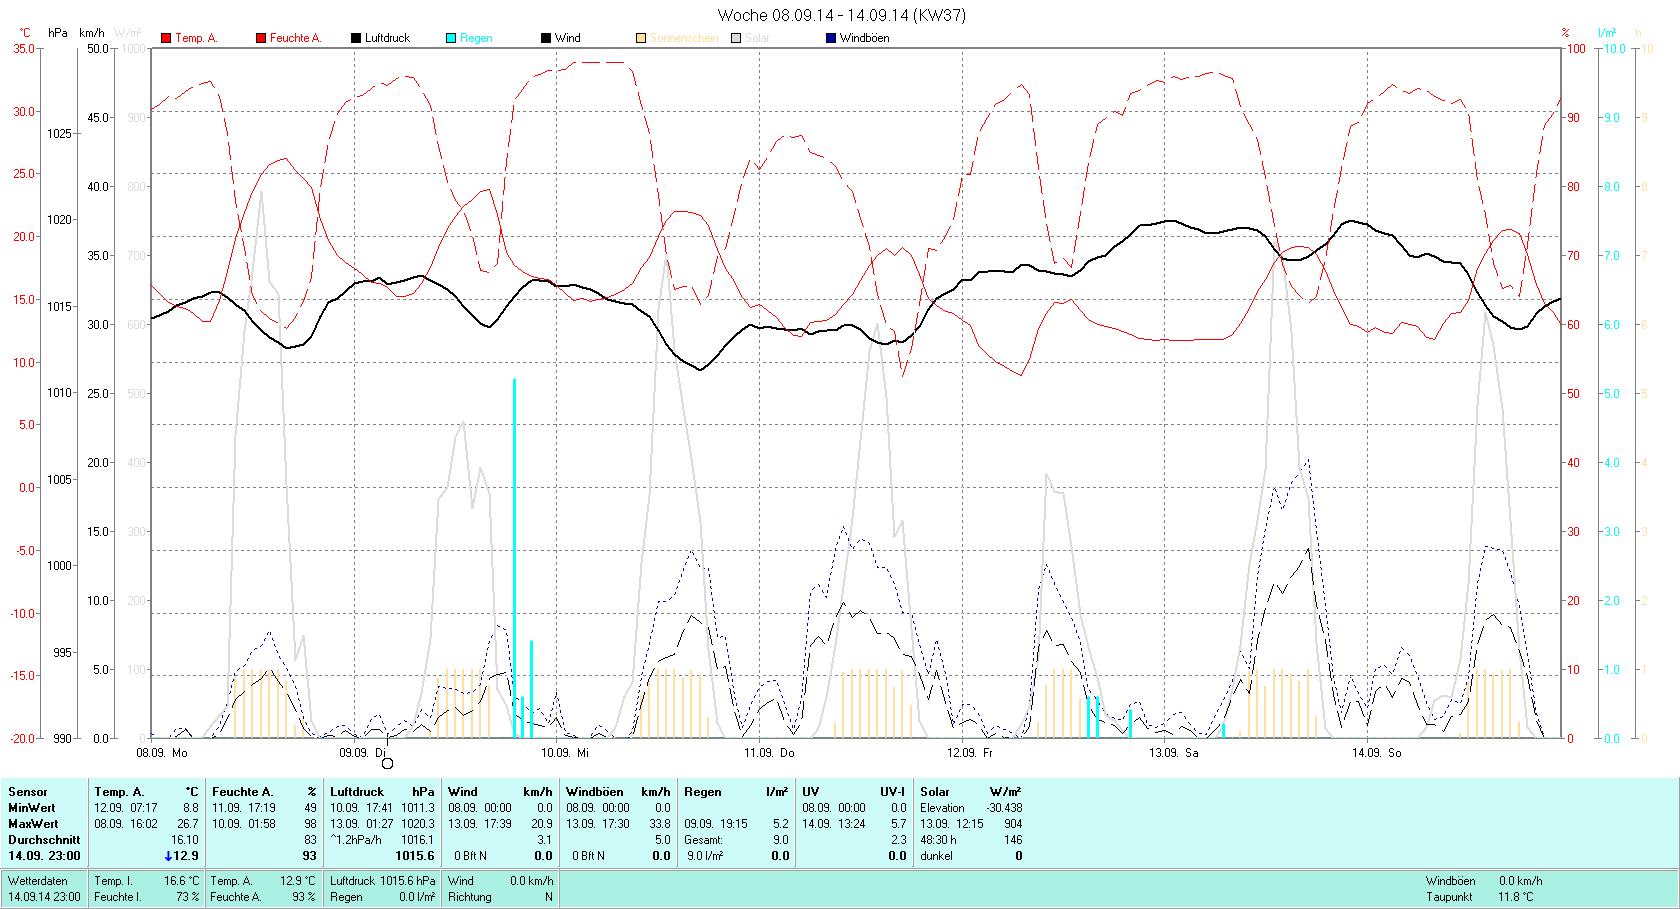 KW 37 Tmin  8.8°C, Tmax 26.7°C, Sonne 48:30h, Niederschlag 9.0mm/2